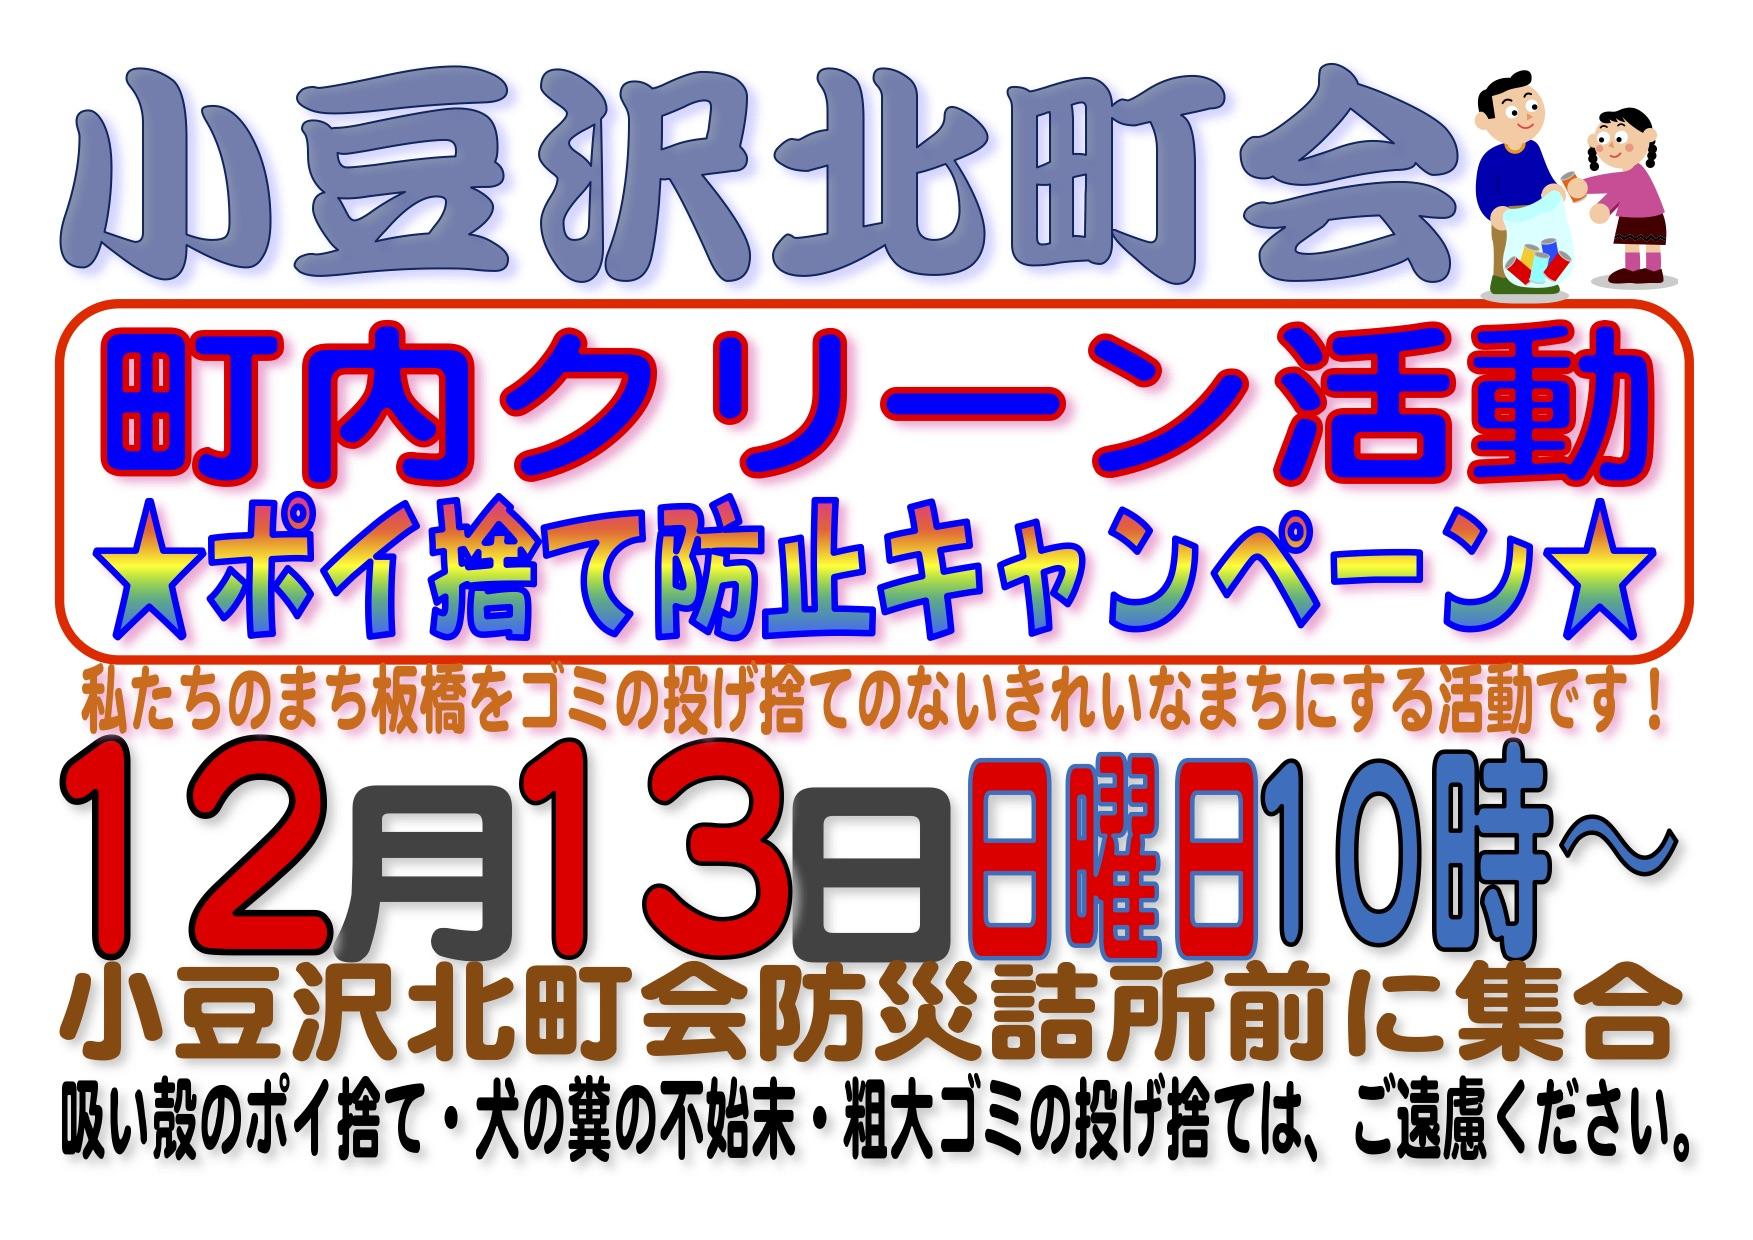 2015年12月13日(日)月例町内クリーン活動&ポイ捨て防止キャンペーン